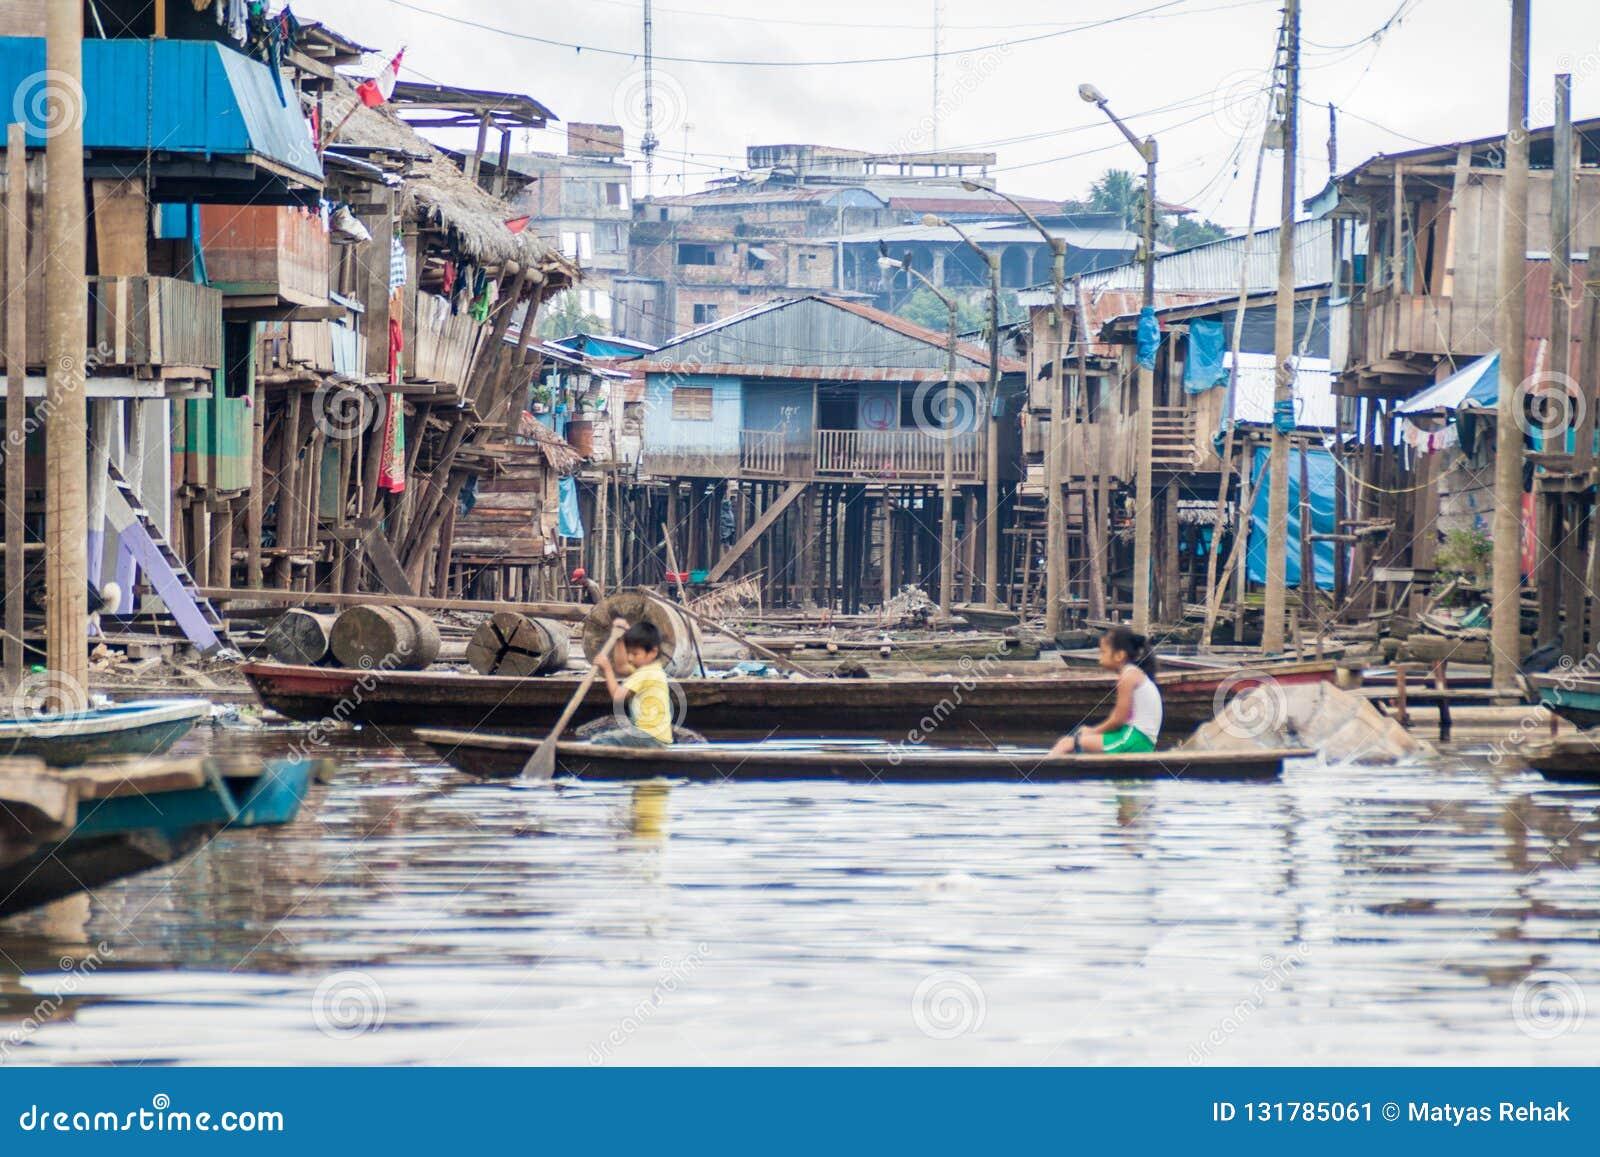 Belen neighborhood of Iquitos